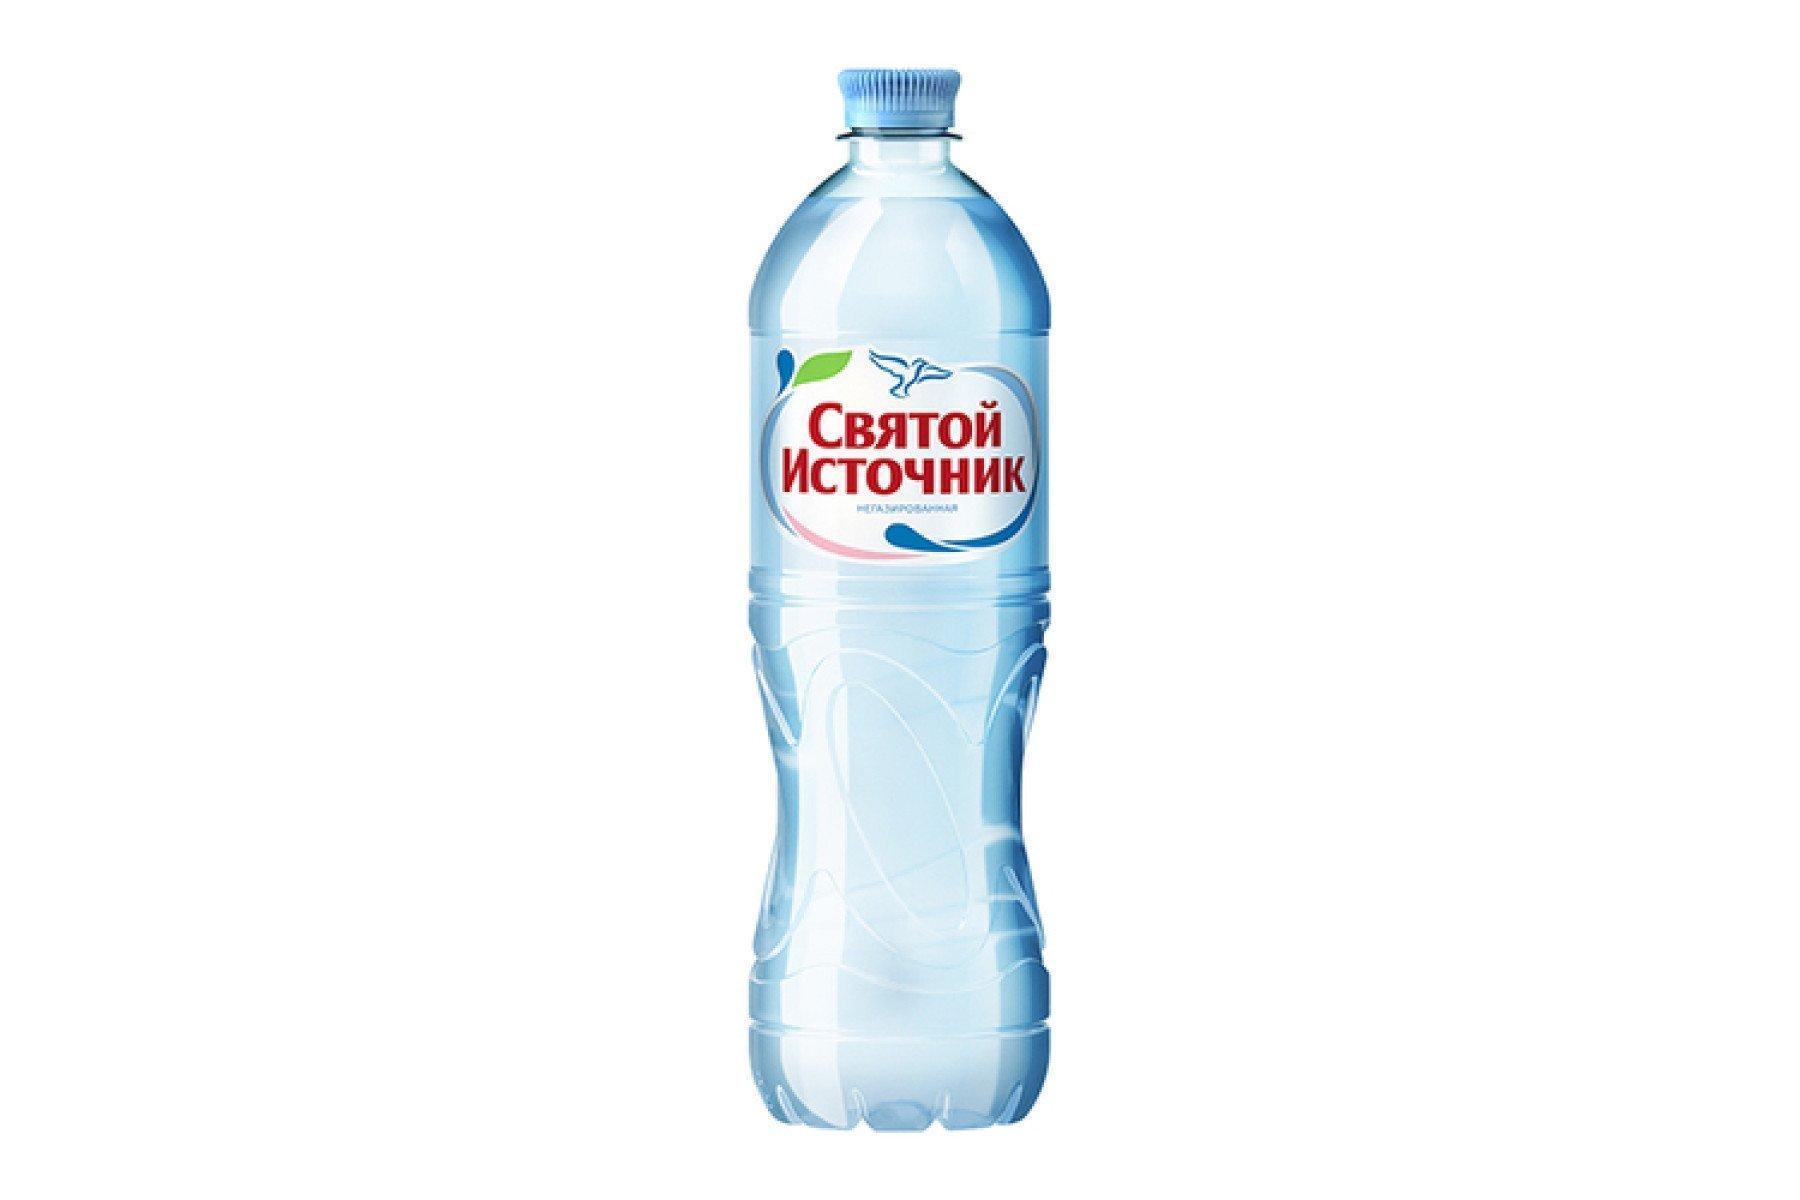 Газированная вода Святой Источник артезианская